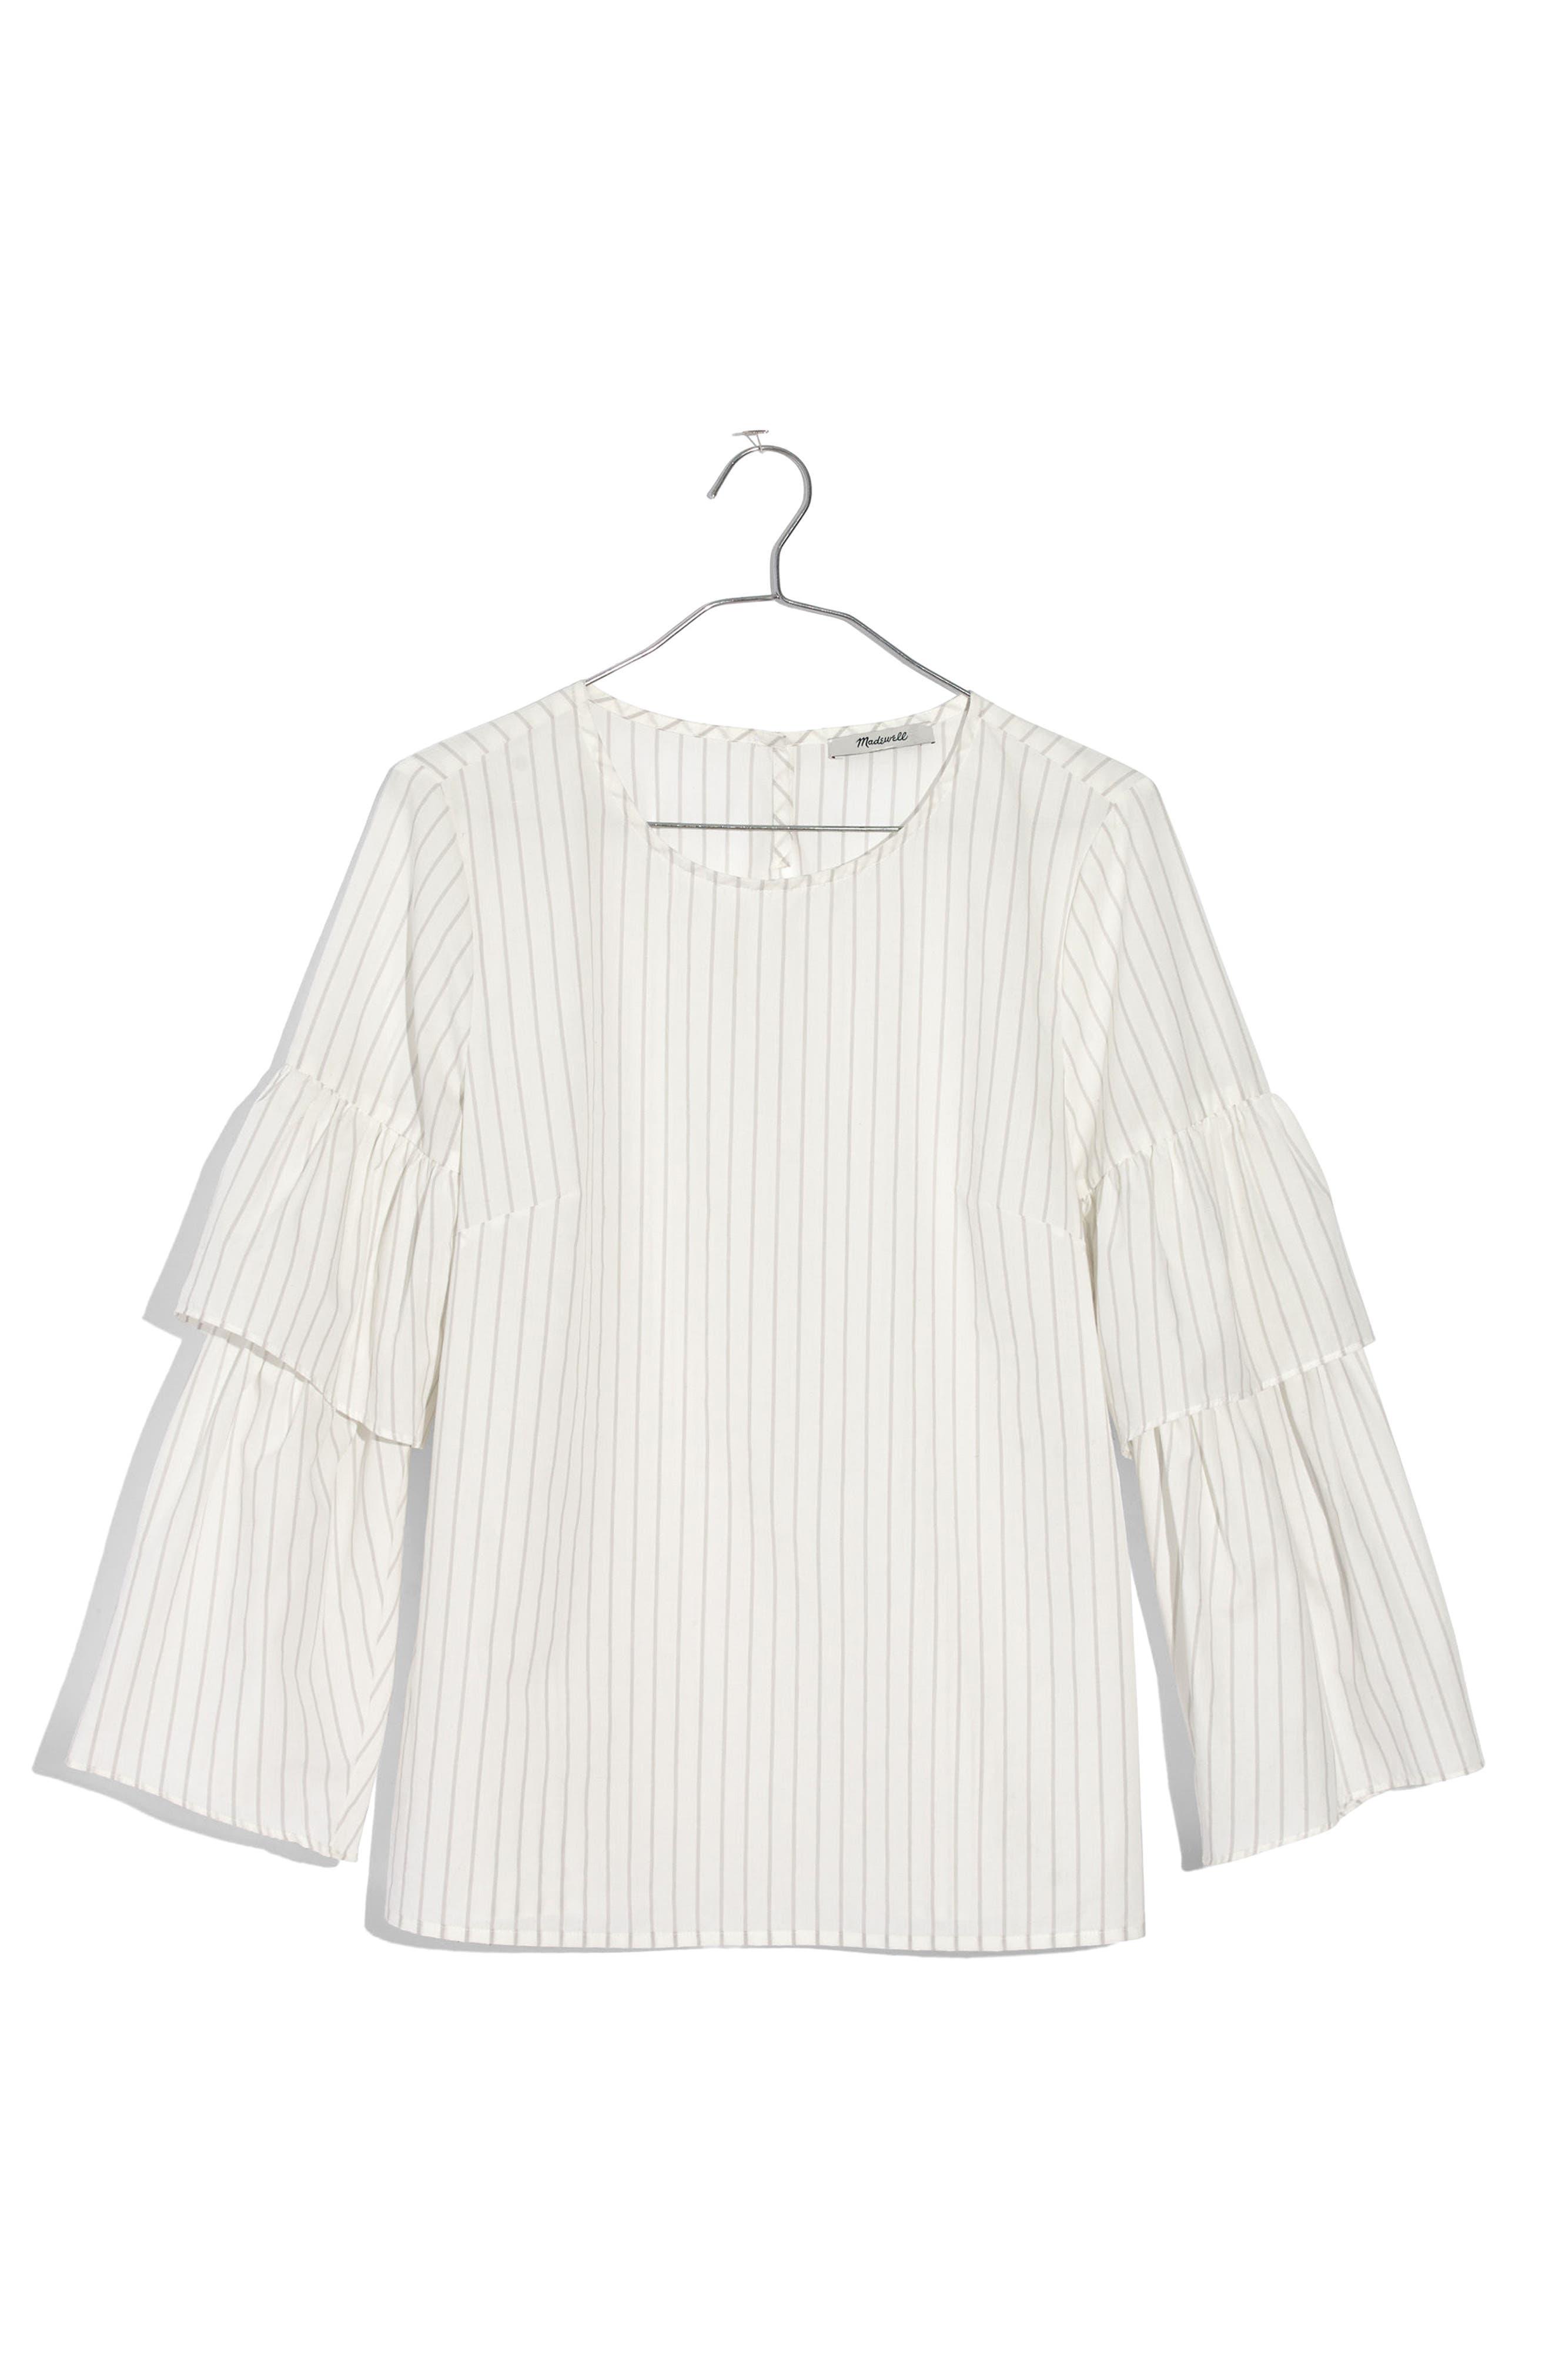 Stripe Ruffle Sleeve Top,                             Alternate thumbnail 3, color,                             Tilden Stripe White Wash